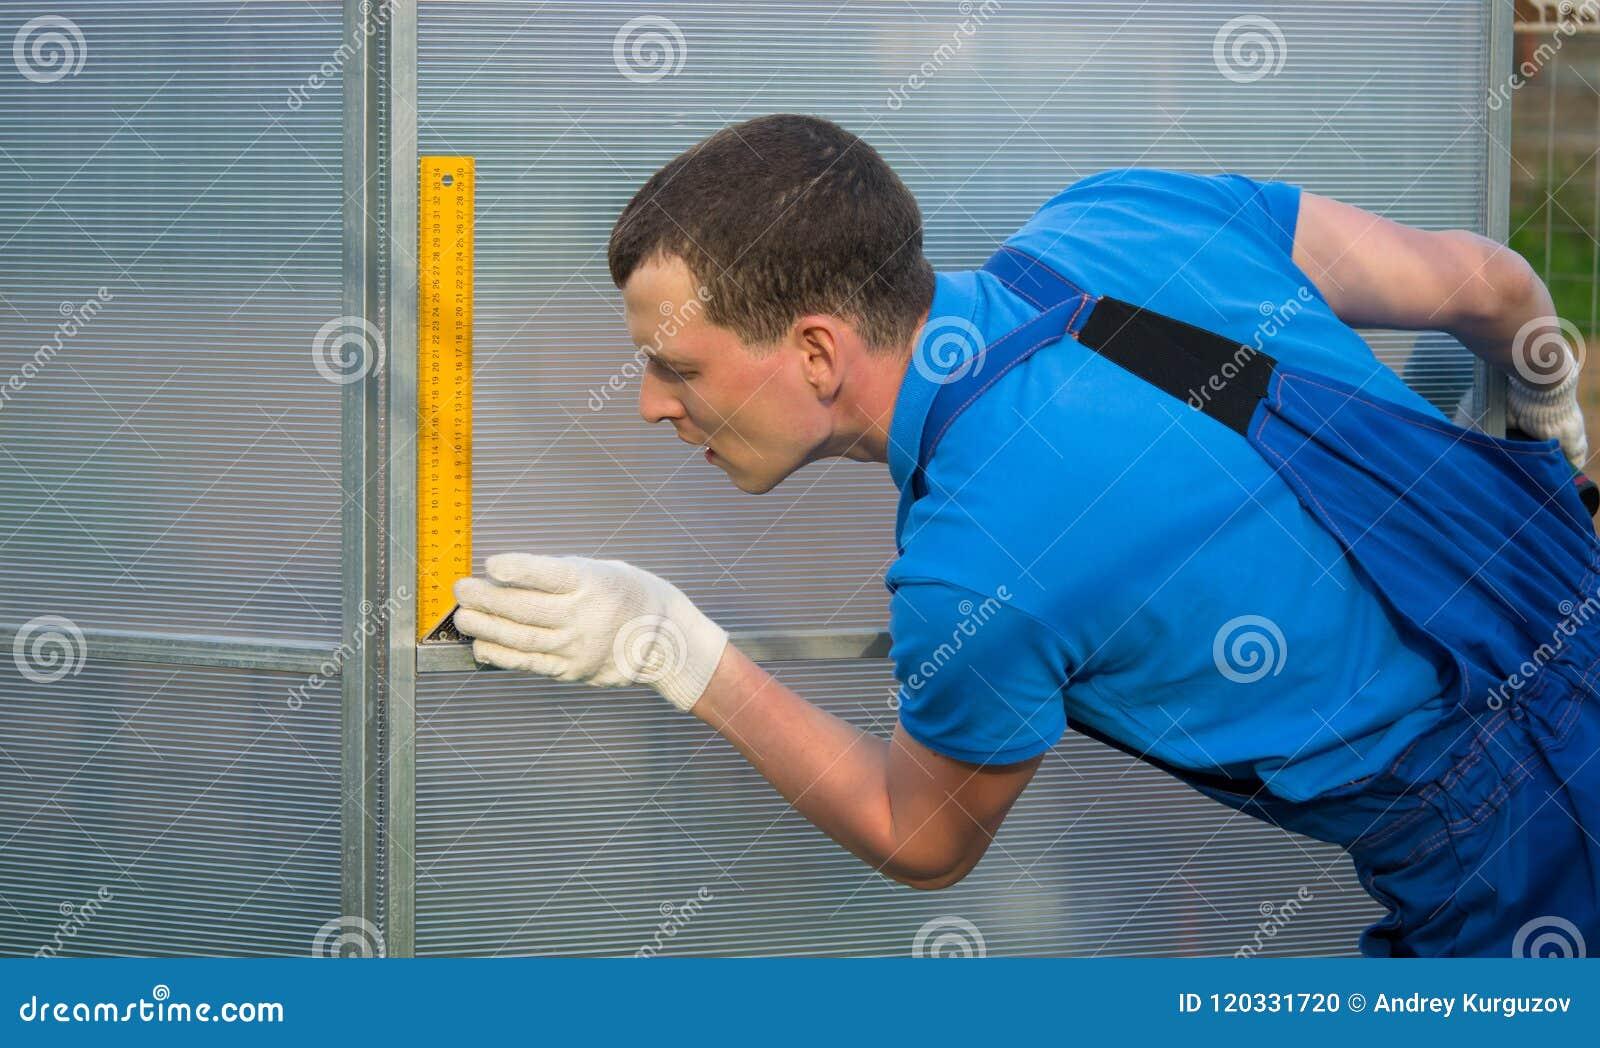 Yrkesmässig arbetare, kontroller med hjälpen av en fyrkant riktigheten av installationen av växthuset, polycarbonate